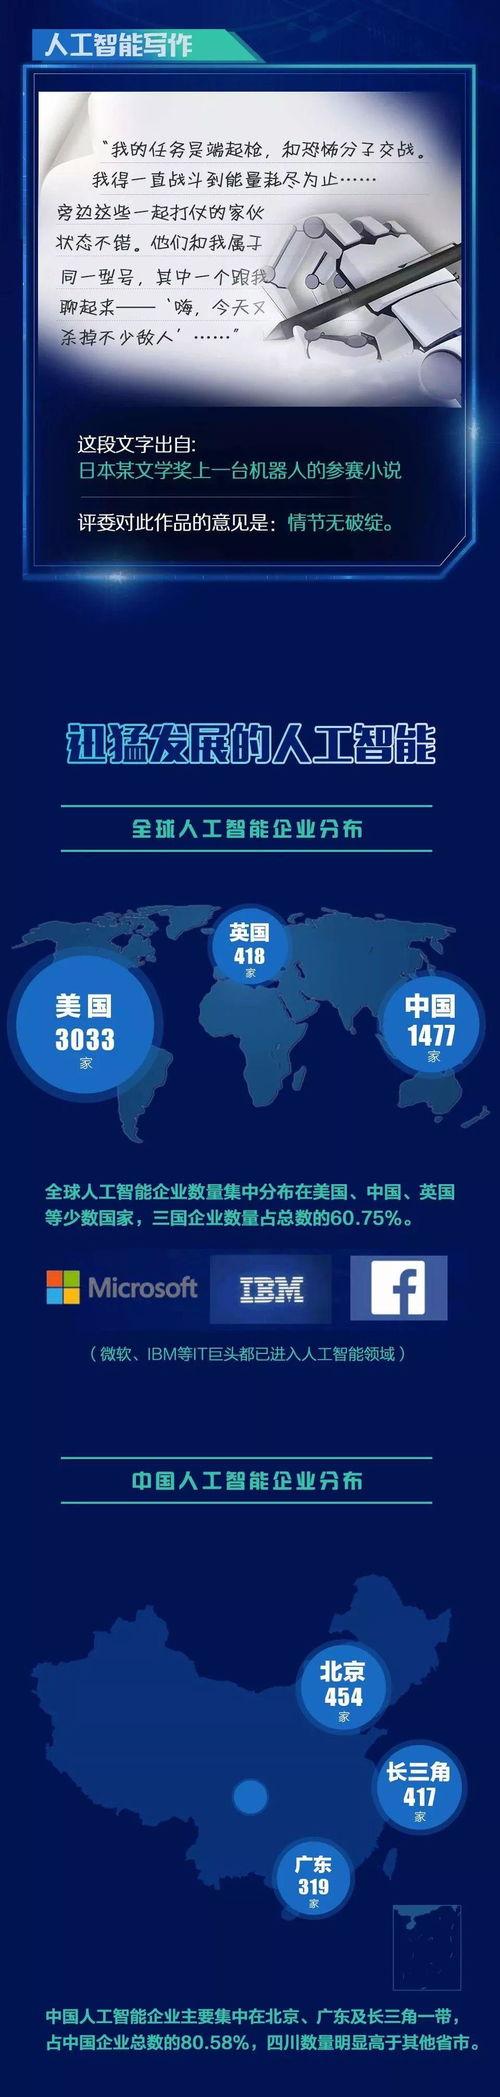 表情全球首个AI主播在中国上岗人工智能会取代统治人类吗表情